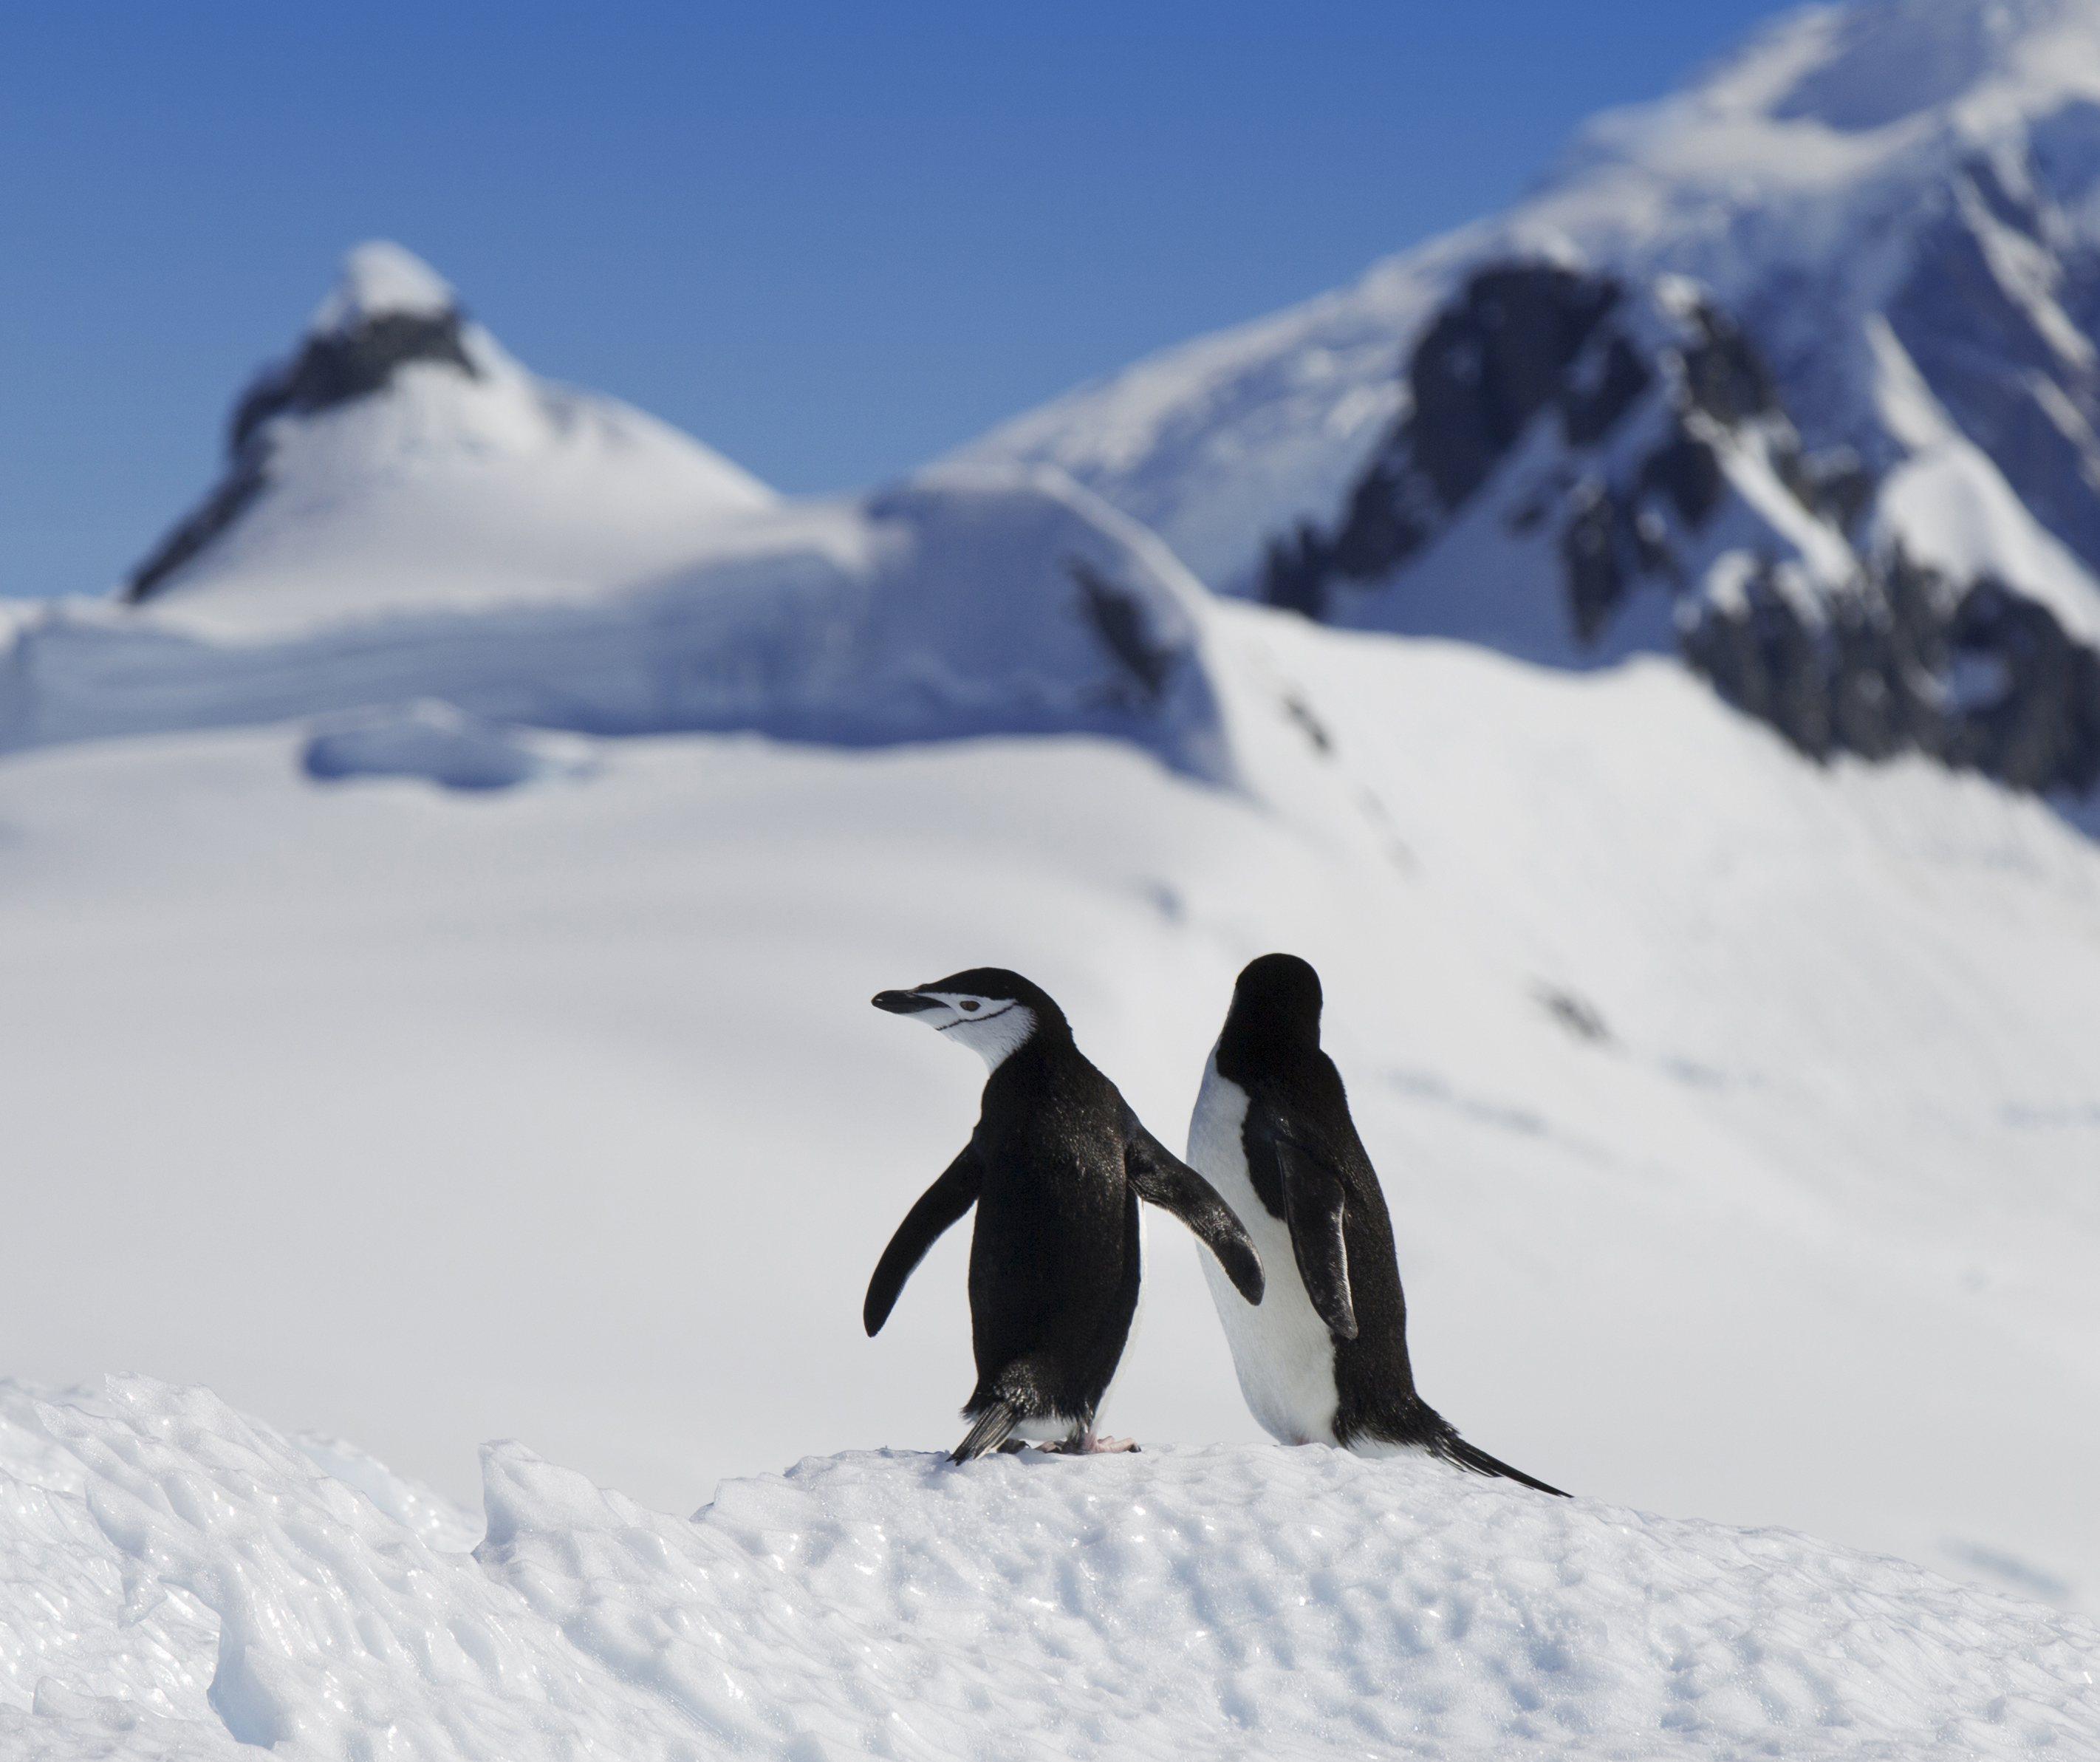 mates-penguins-antarctica-149-292